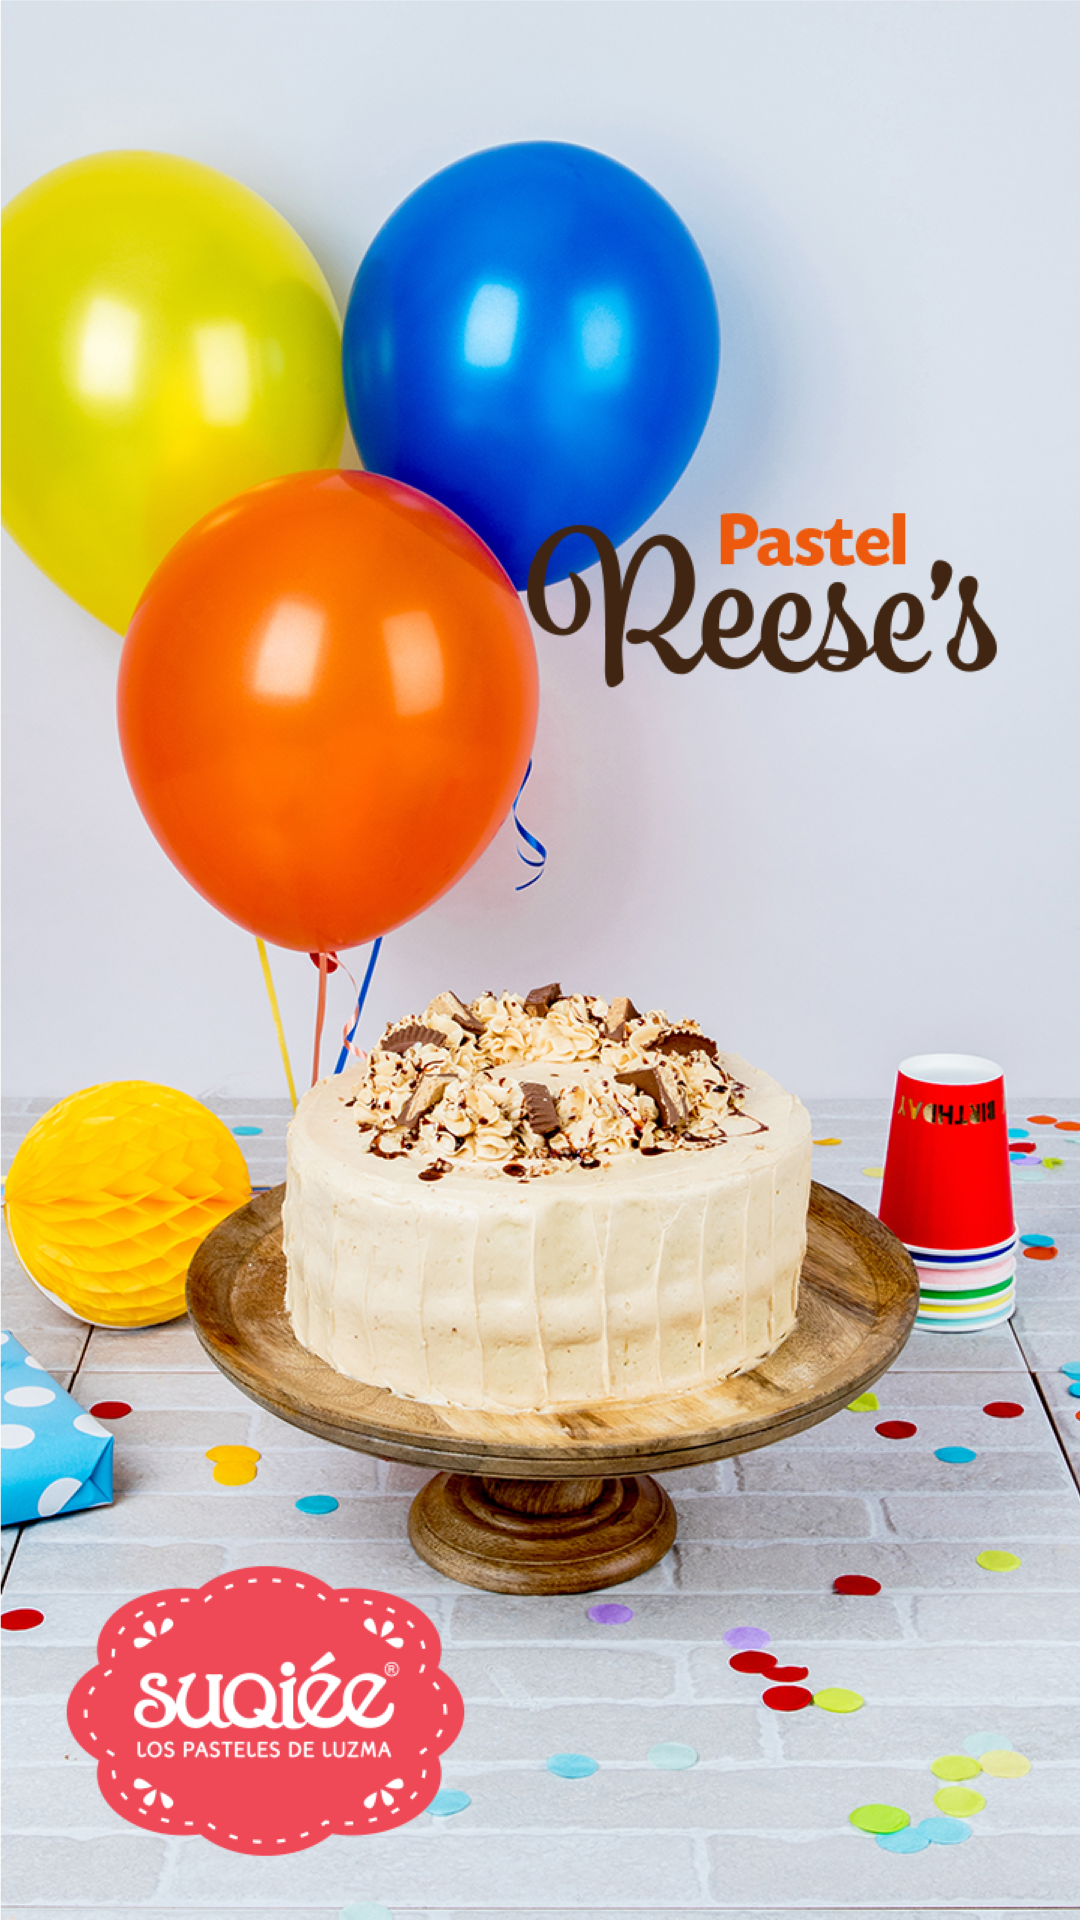 Suqiée - Los Pasteles de Luzma - 10 Años Celebrando - Pastel Reese's